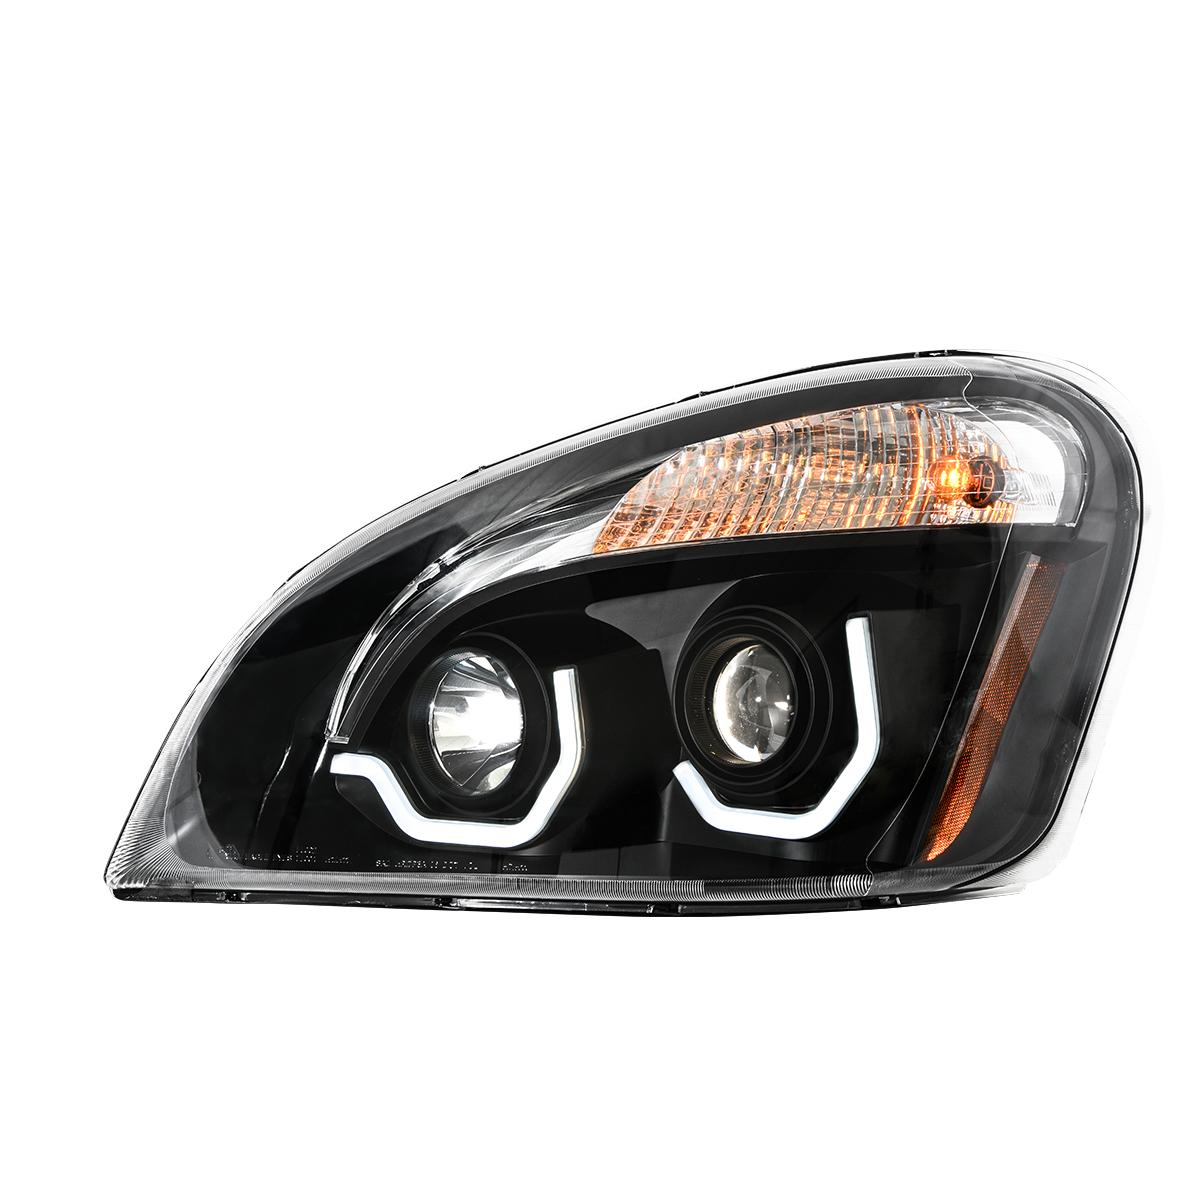 Freightliner Cascadia Matte Black Projector Headlight w/ White LED Running Light